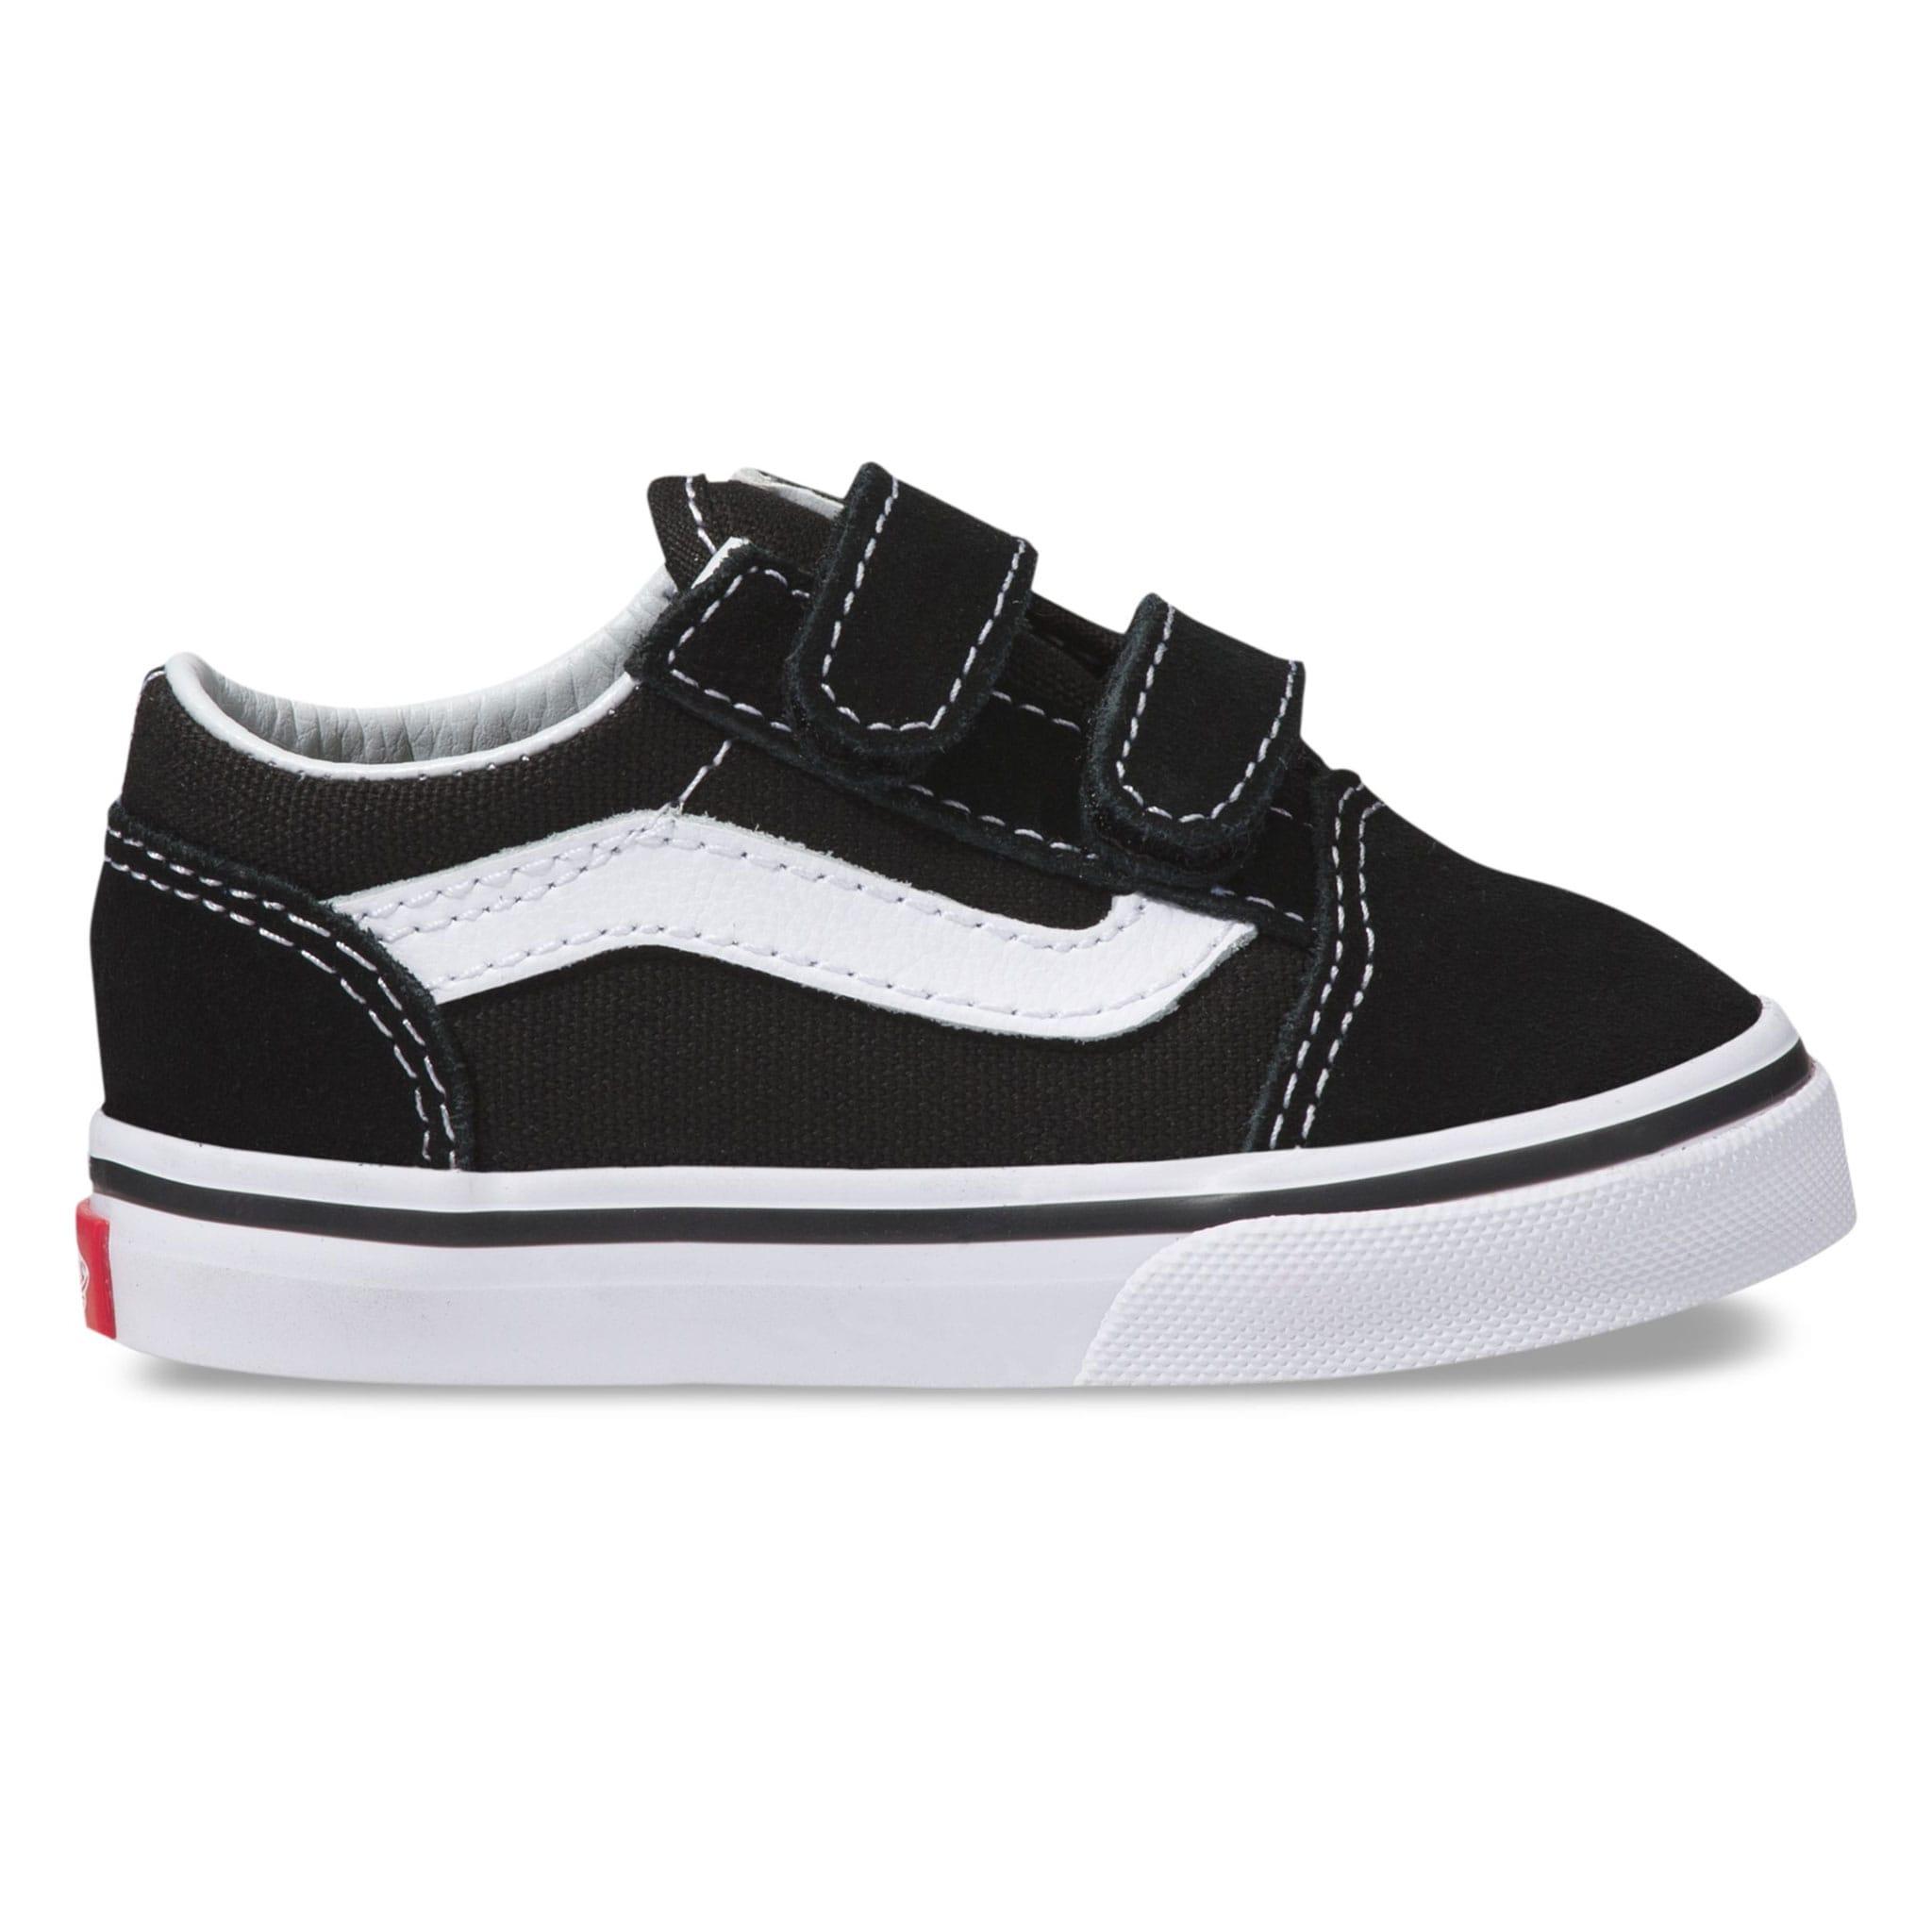 f1dbbccad Vans Old Skool V Shoes Sizes 4-10 - Black - Clement